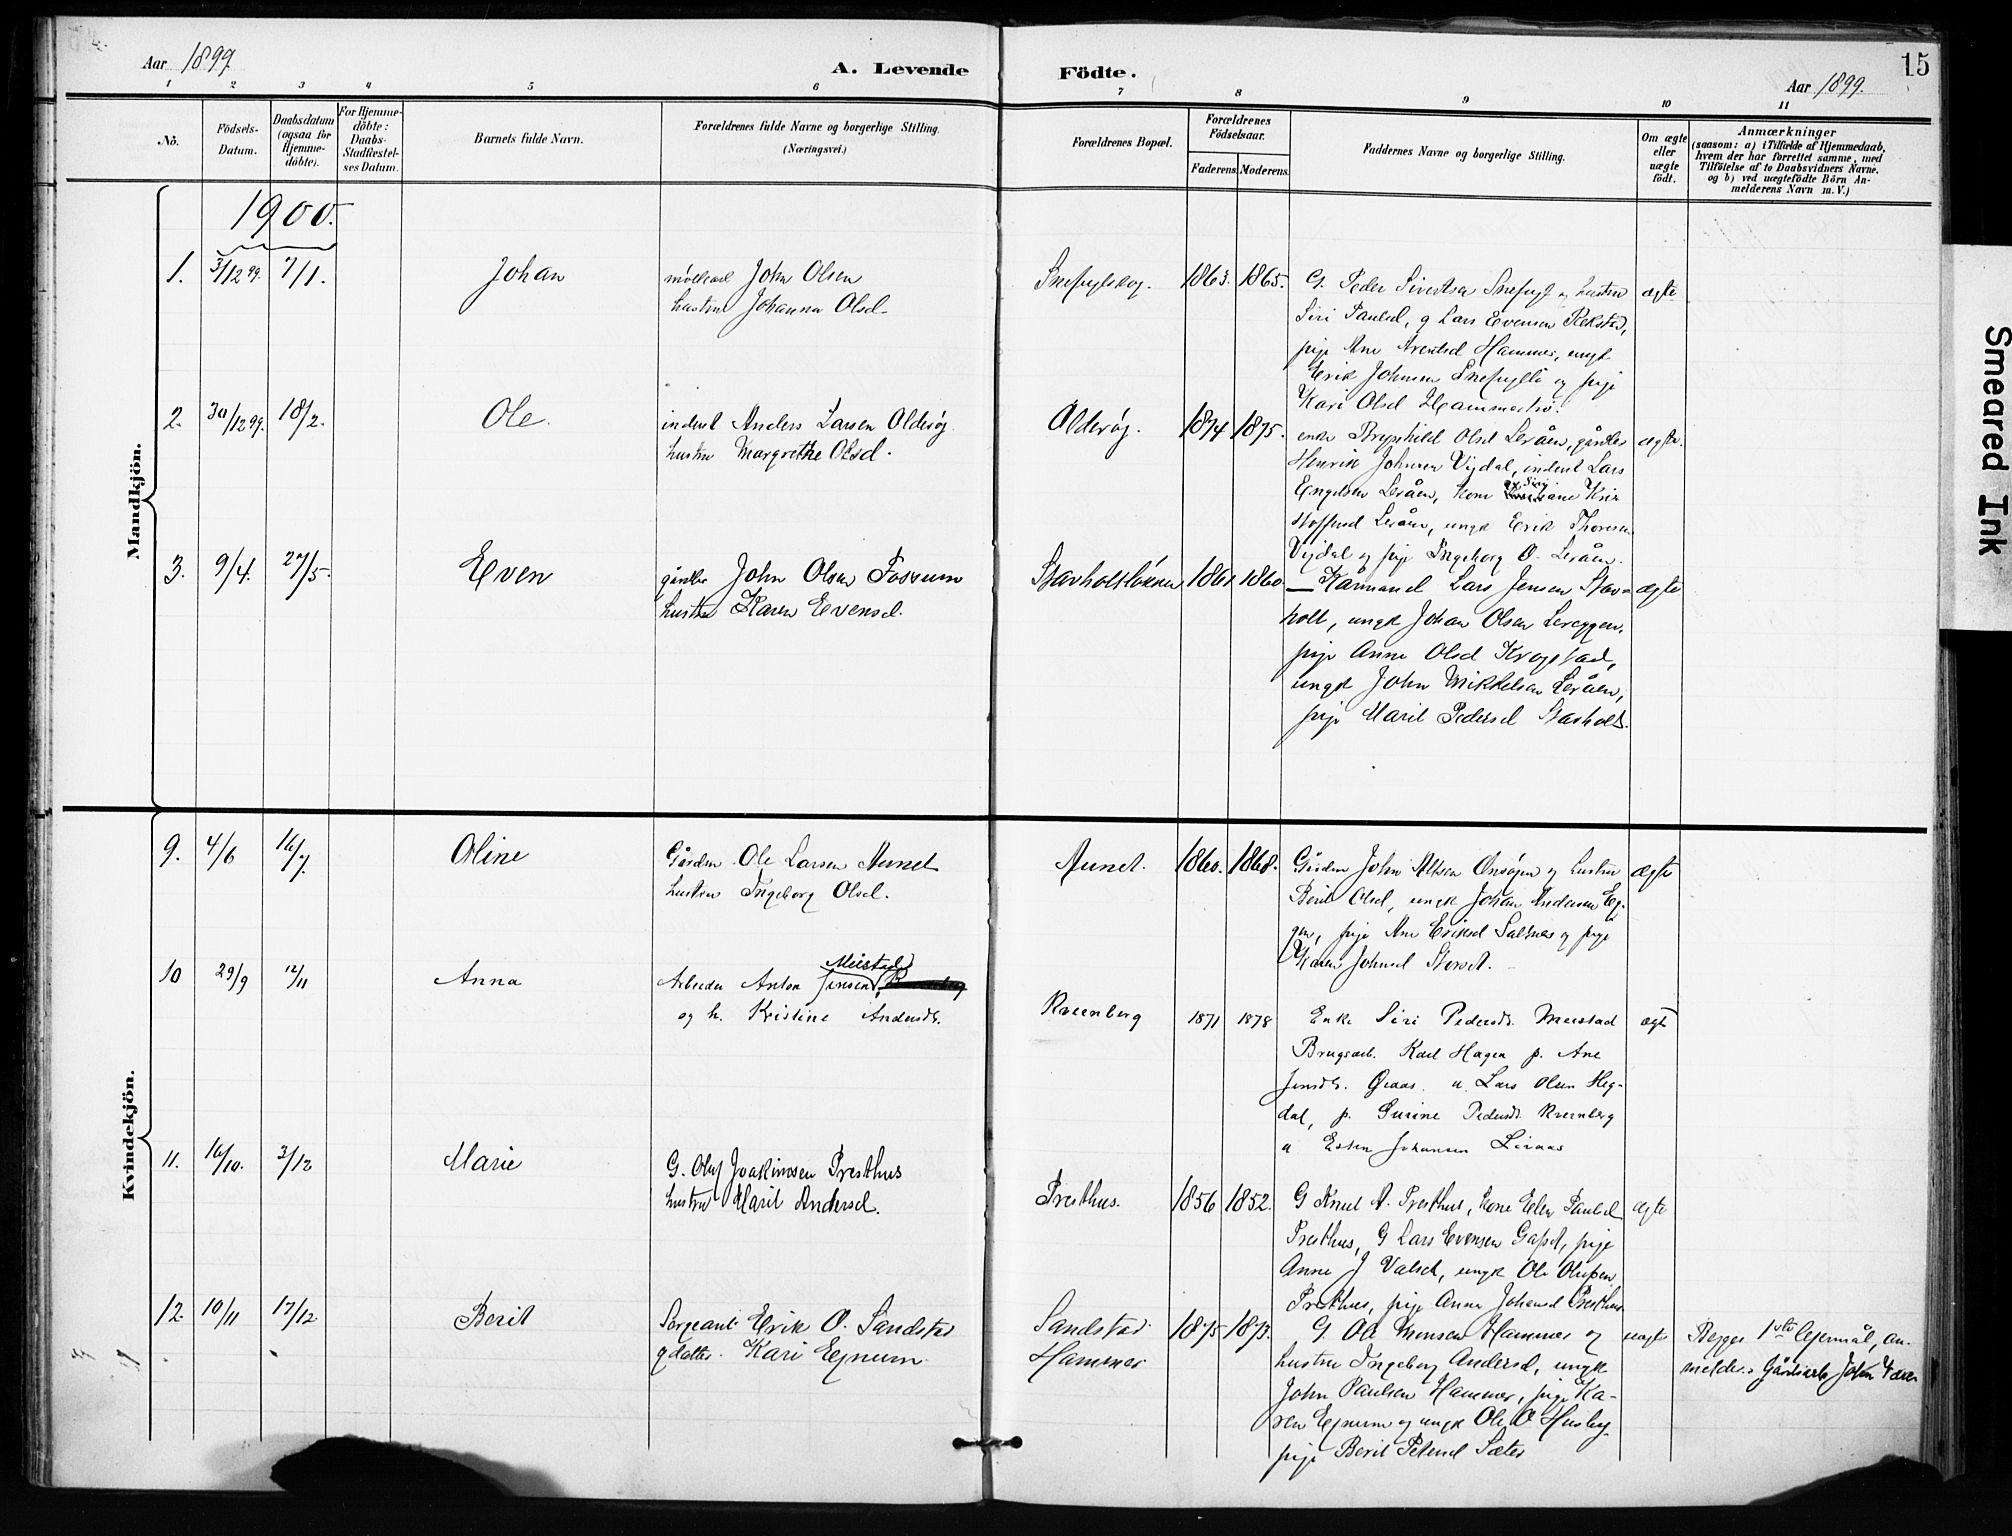 SAT, Ministerialprotokoller, klokkerbøker og fødselsregistre - Sør-Trøndelag, 666/L0787: Ministerialbok nr. 666A05, 1895-1908, s. 15